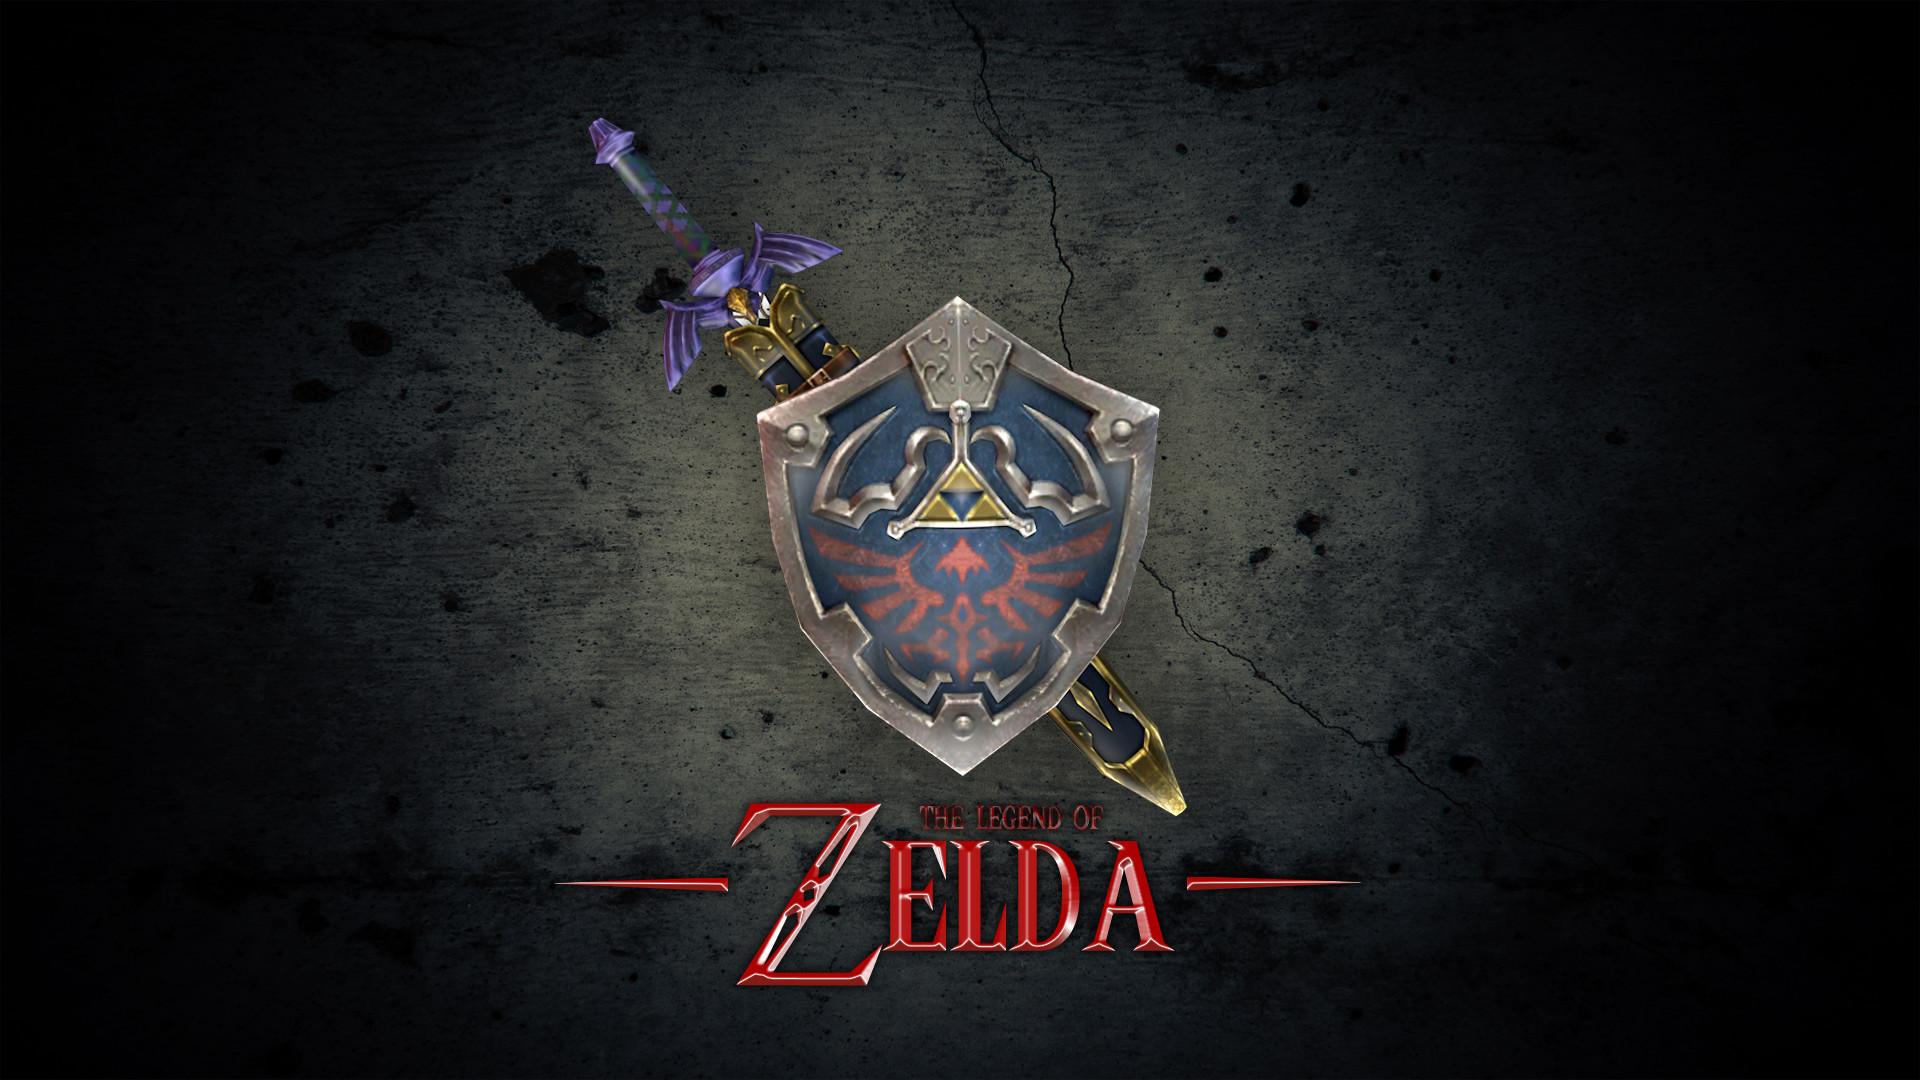 The Legends Of Zelda Swords Logo HD Wallpapers 1080x1920Px XzmUQc13 .